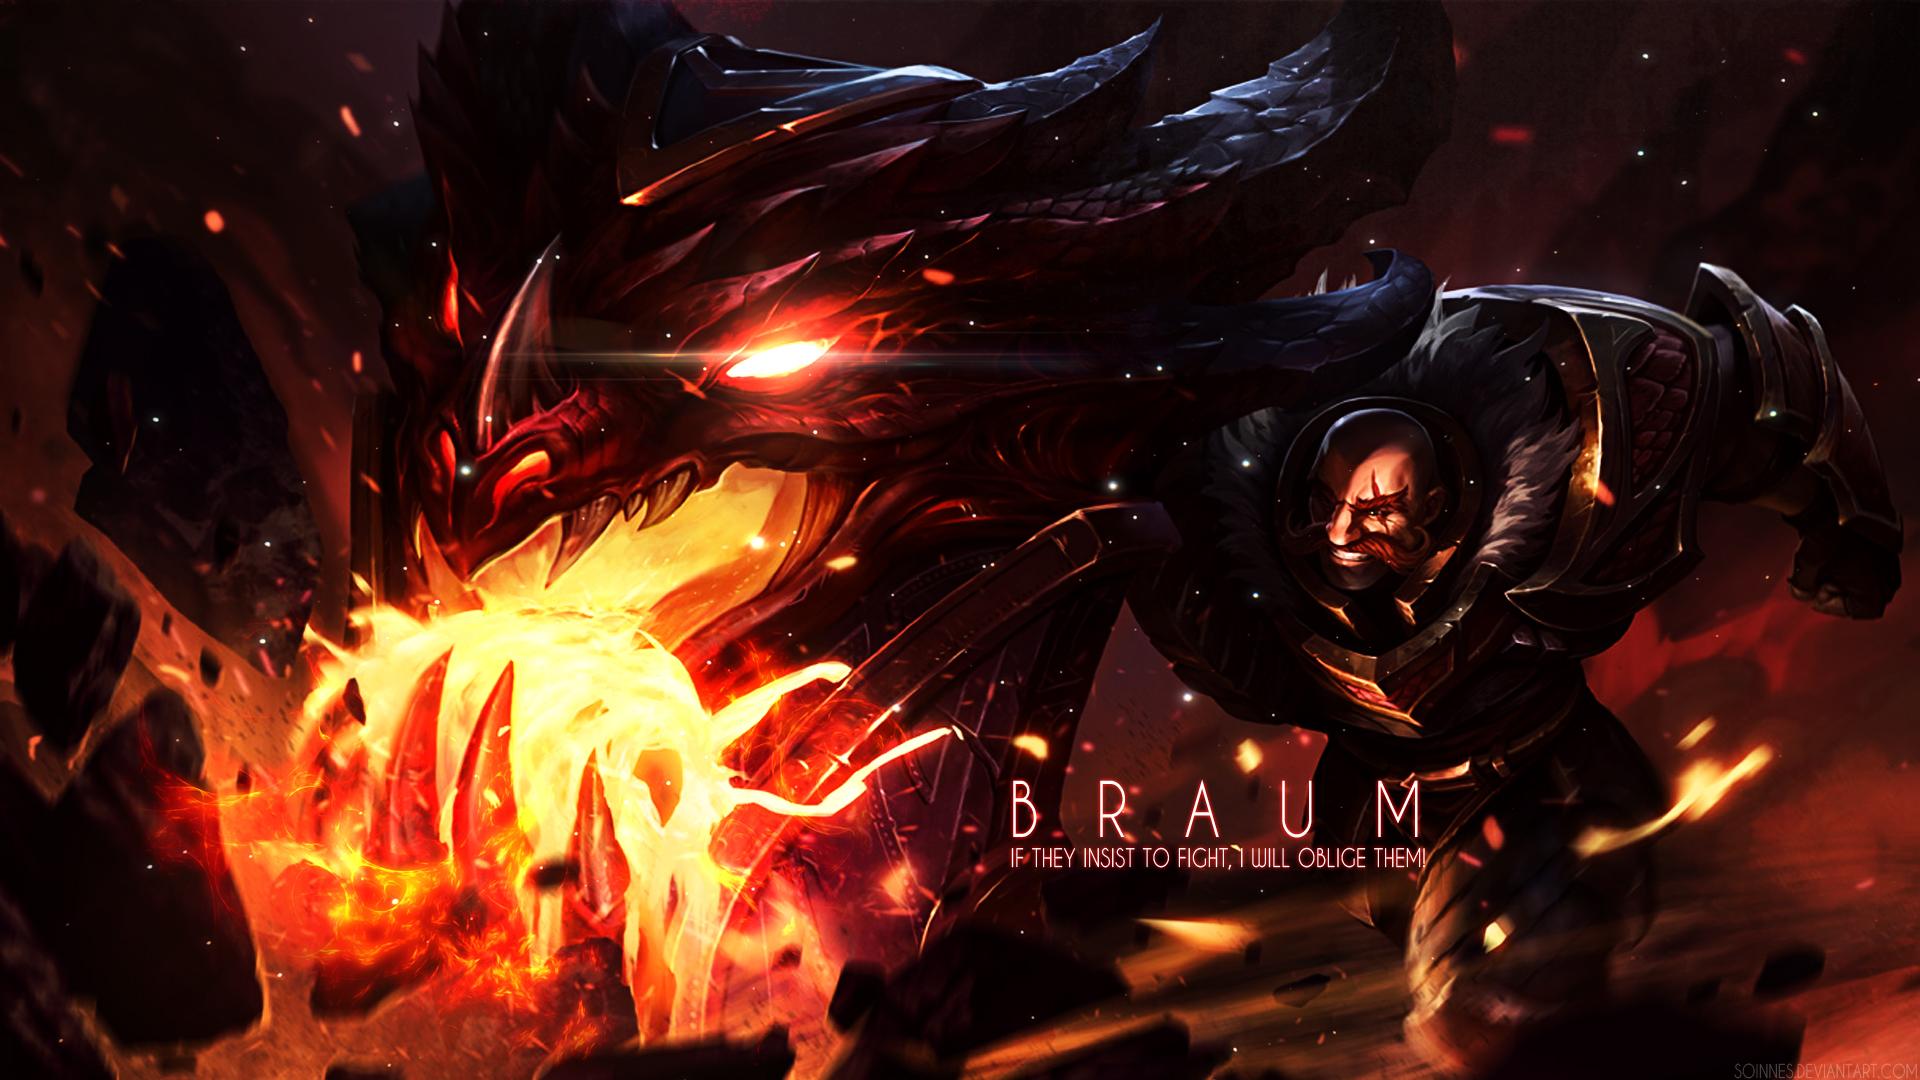 League of Legends - Braum Wallpaper by Soinnes on DeviantArt